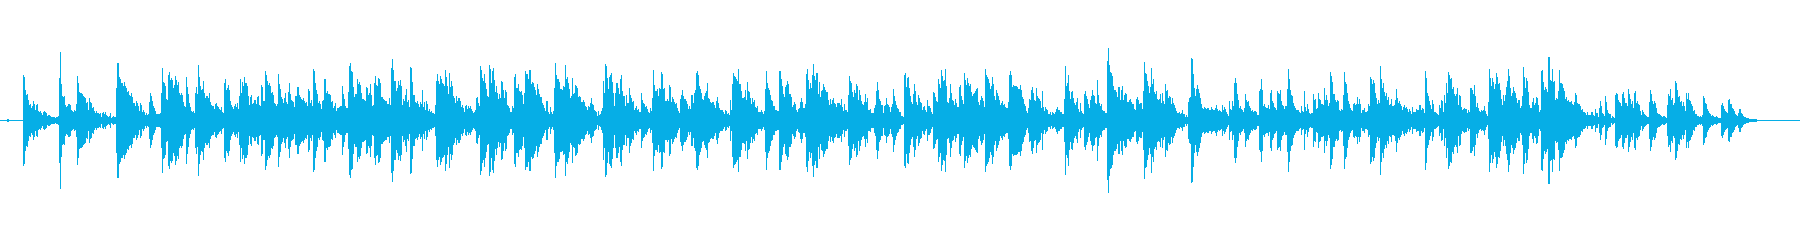 水中のようなプクプクという音 #1の再生済みの波形